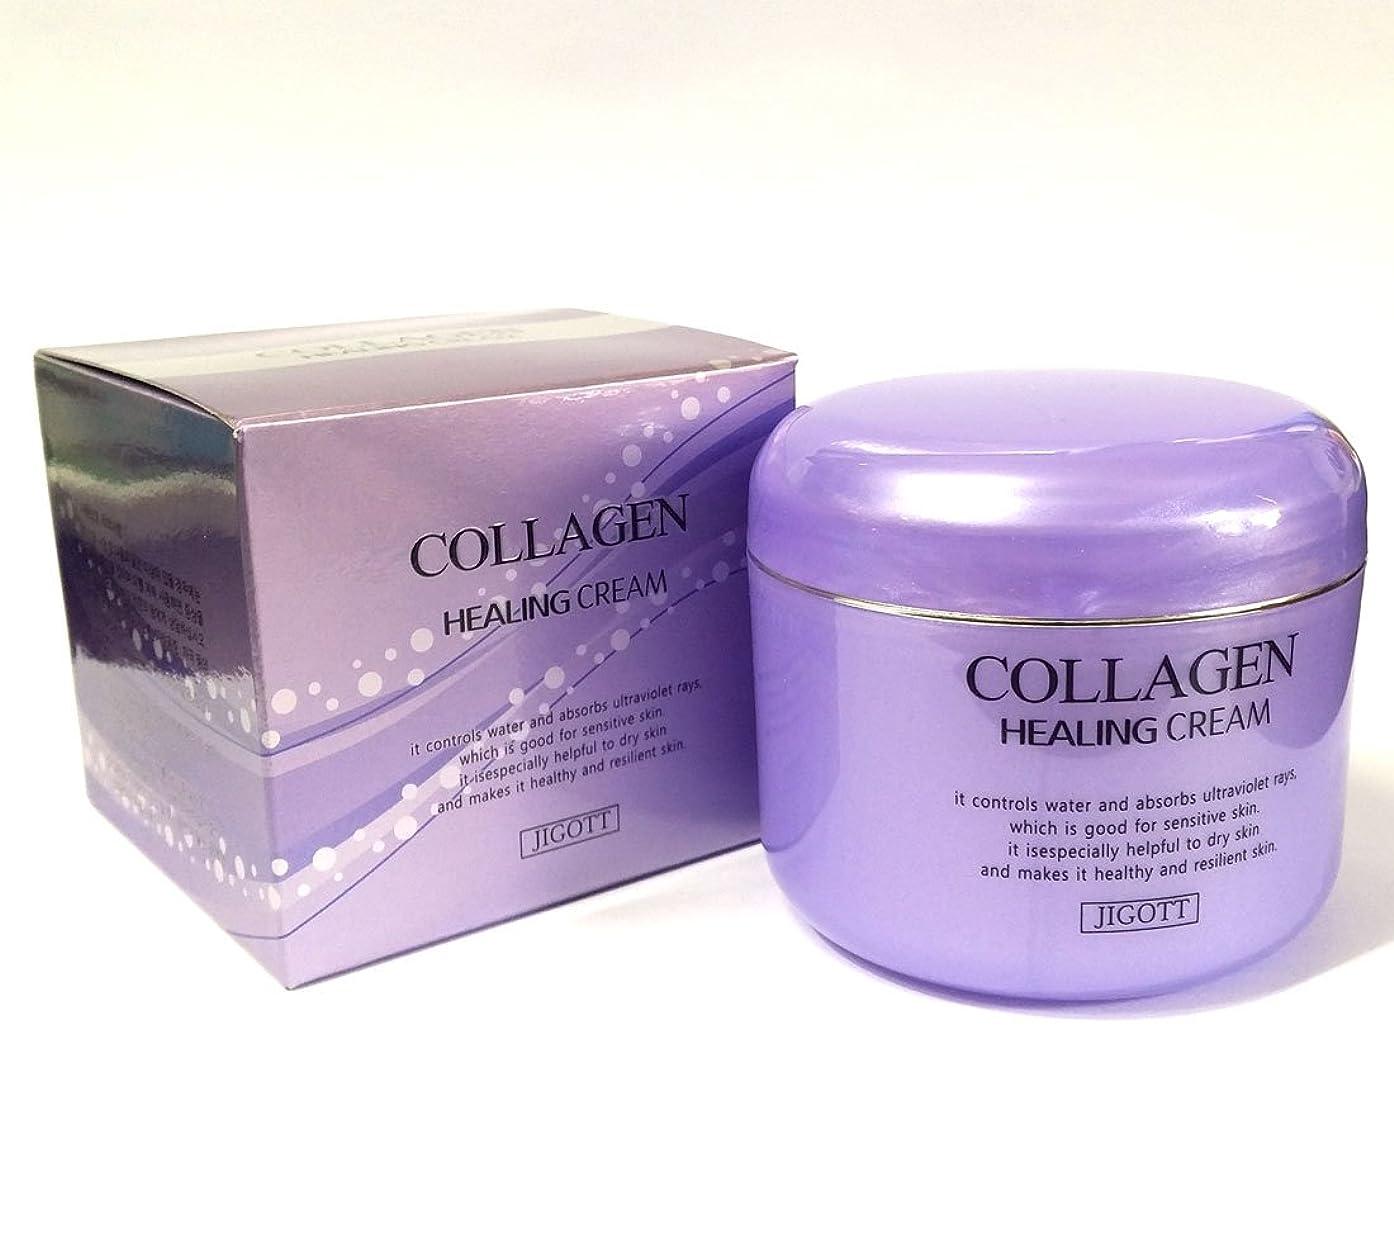 ファンシー追う想像力豊かな[JIGOTT] コラーゲンヒーリングクリーム100g/Collagen Healing Cream 100g/保湿、栄養/韓国化粧品/moisturizing,nourishing/Korean Cosmetics (2EA) [並行輸入品]